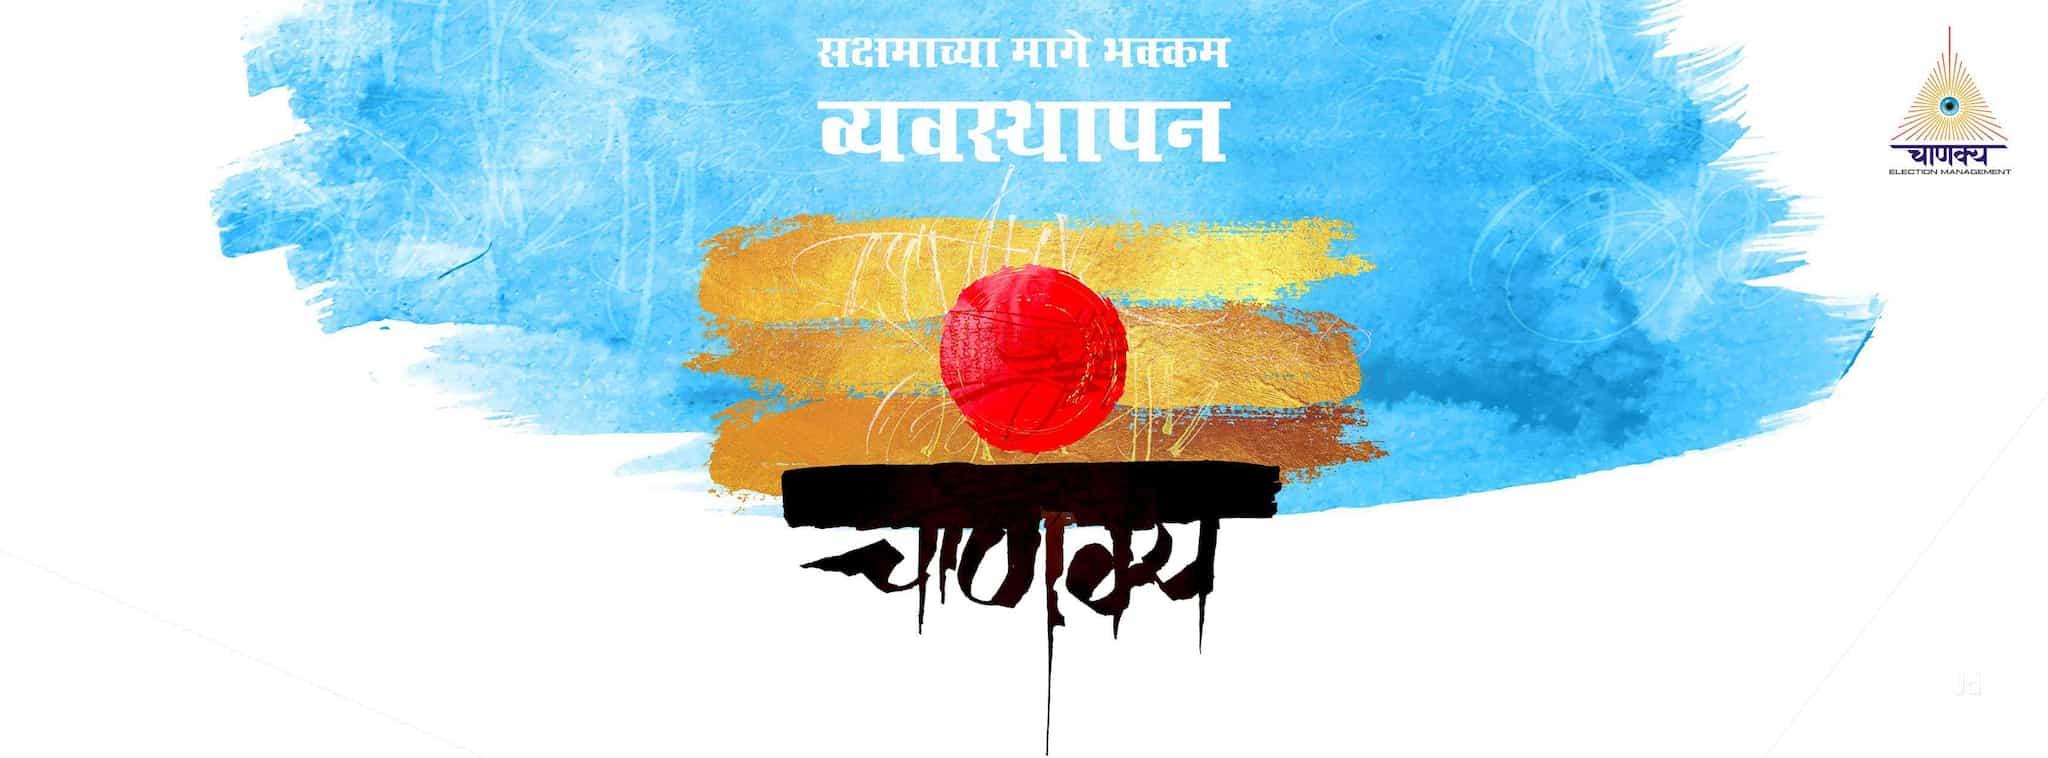 Catalog - Chanakya Election Management Images, Vashi, Mumbai - Political Consultants